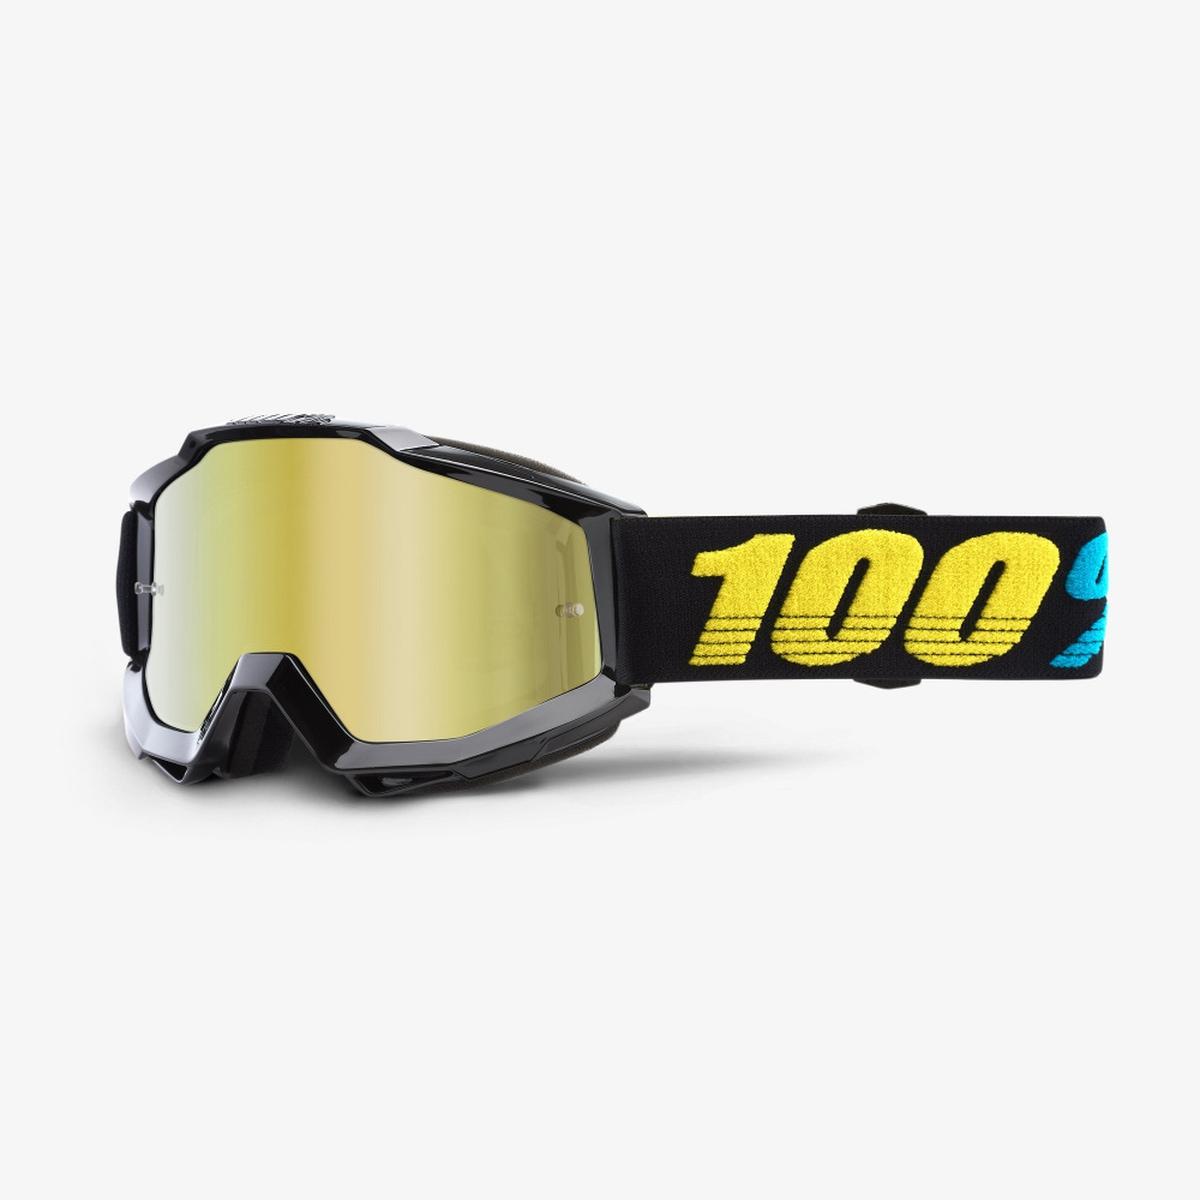 100% ACCURI JR Virgo Goggles - Gold Mirror Lens